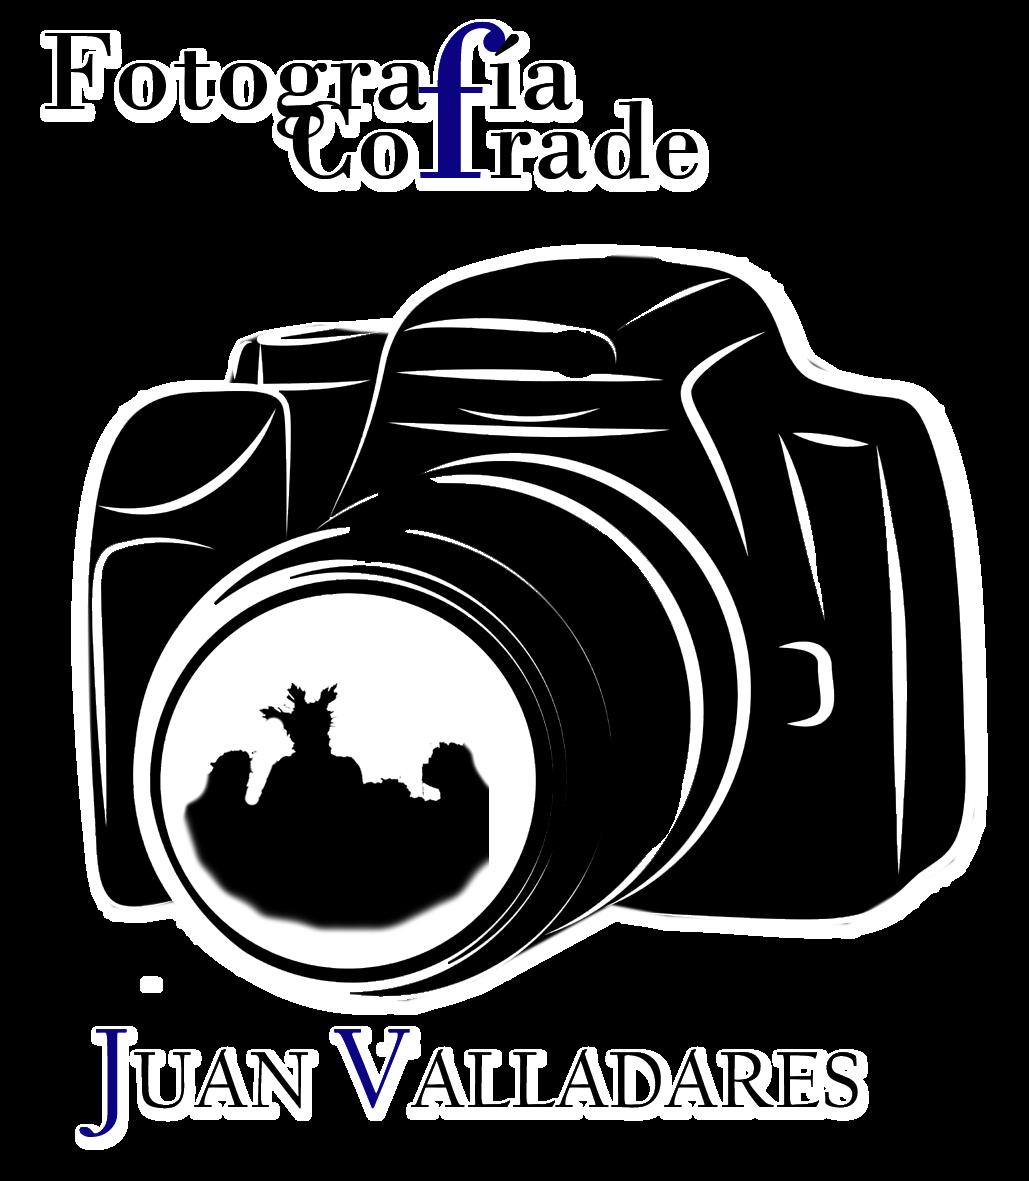 Blog de Fotografía Cofrade